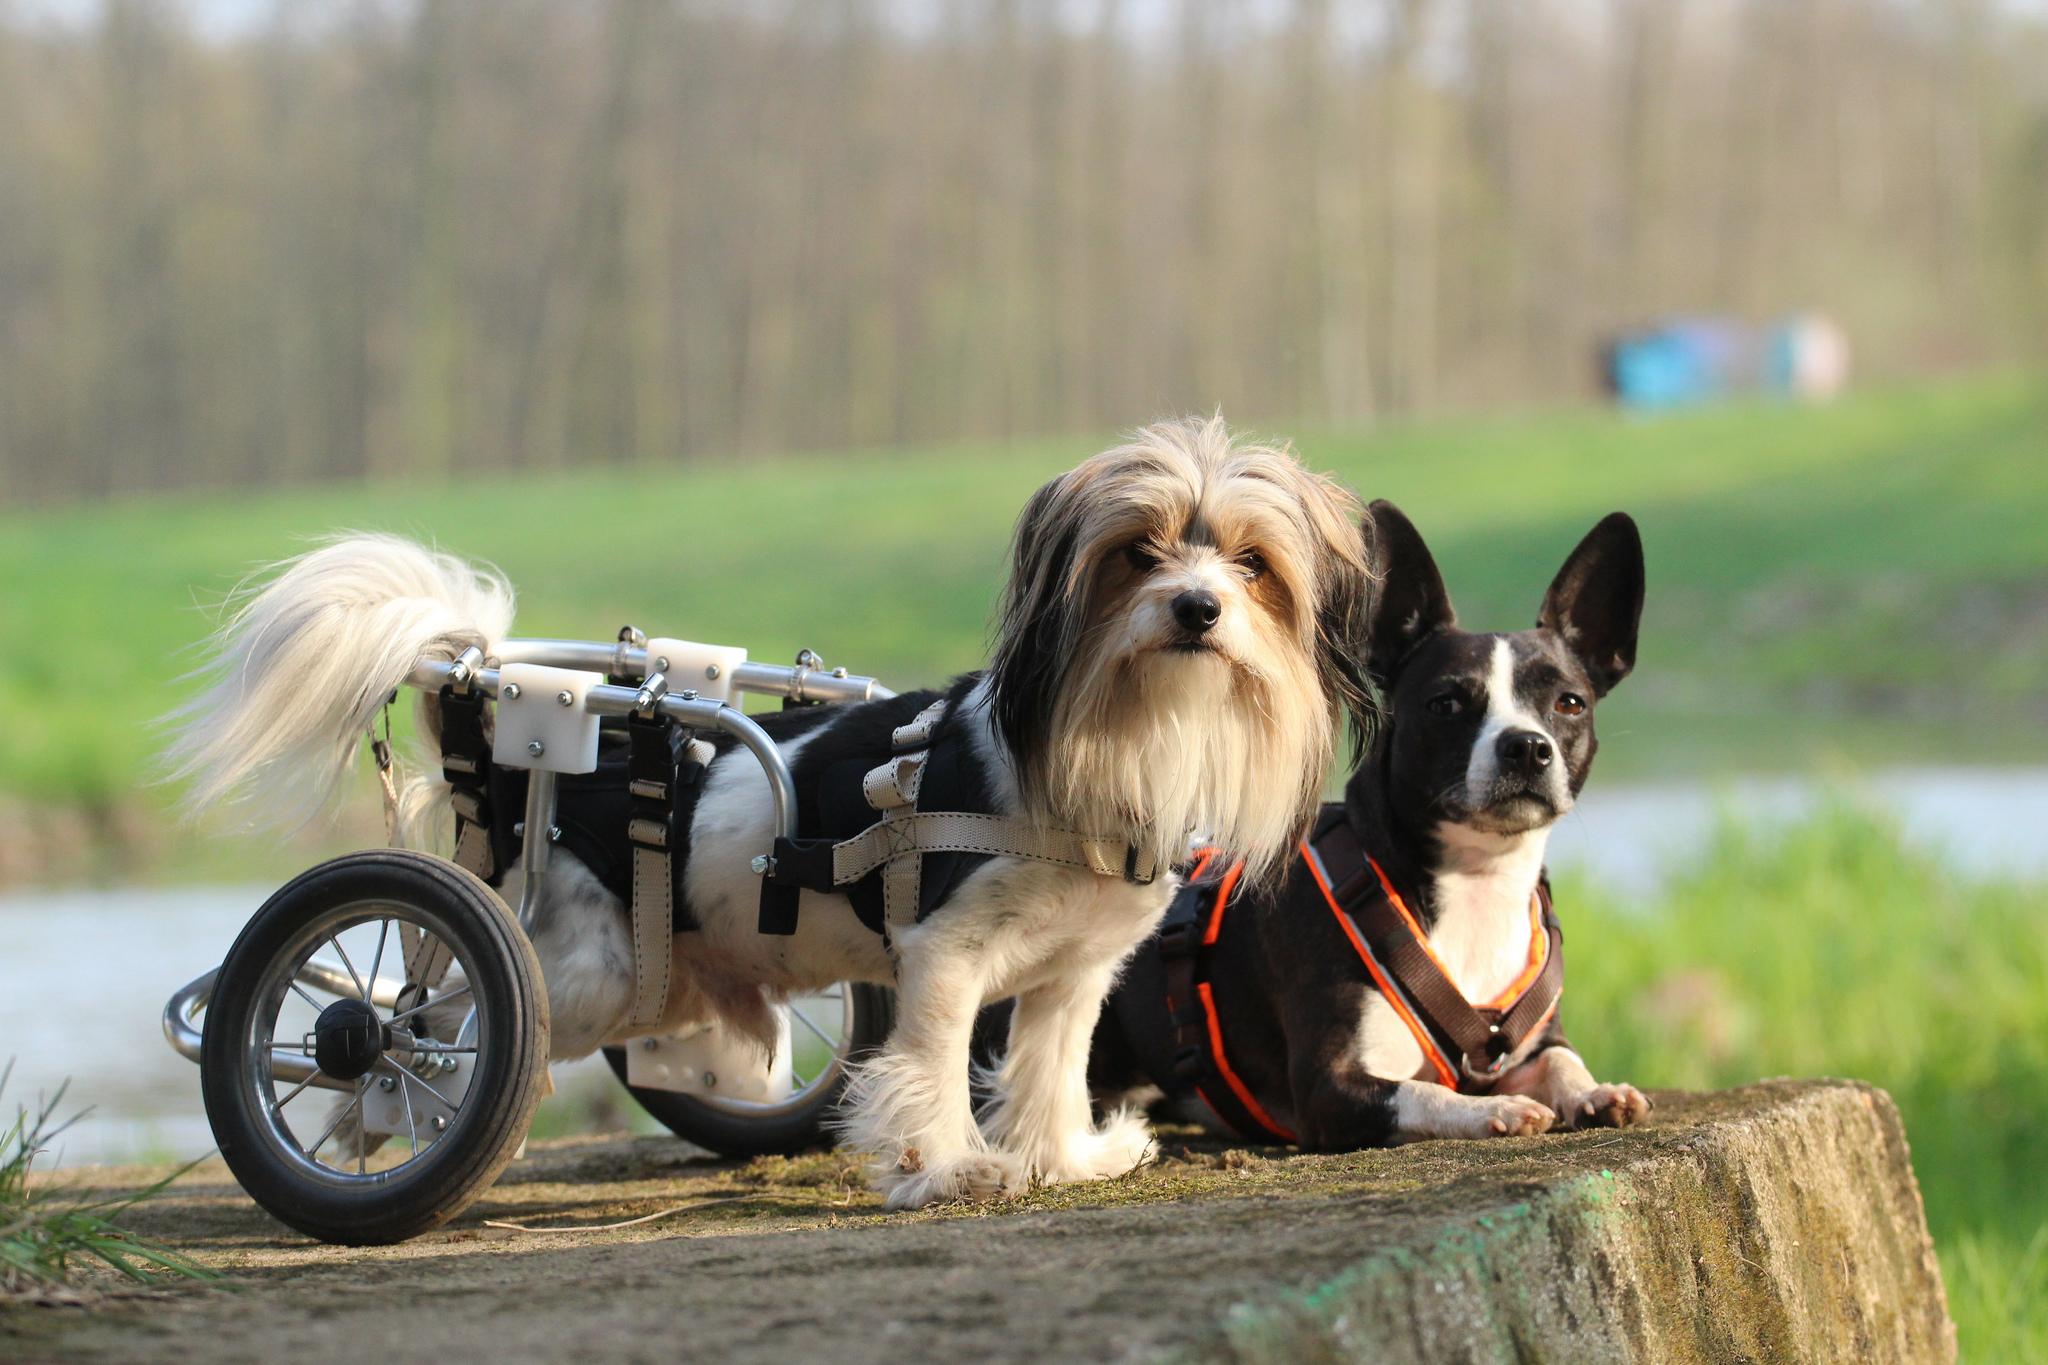 Hund im Rollstuhl mit Handicap